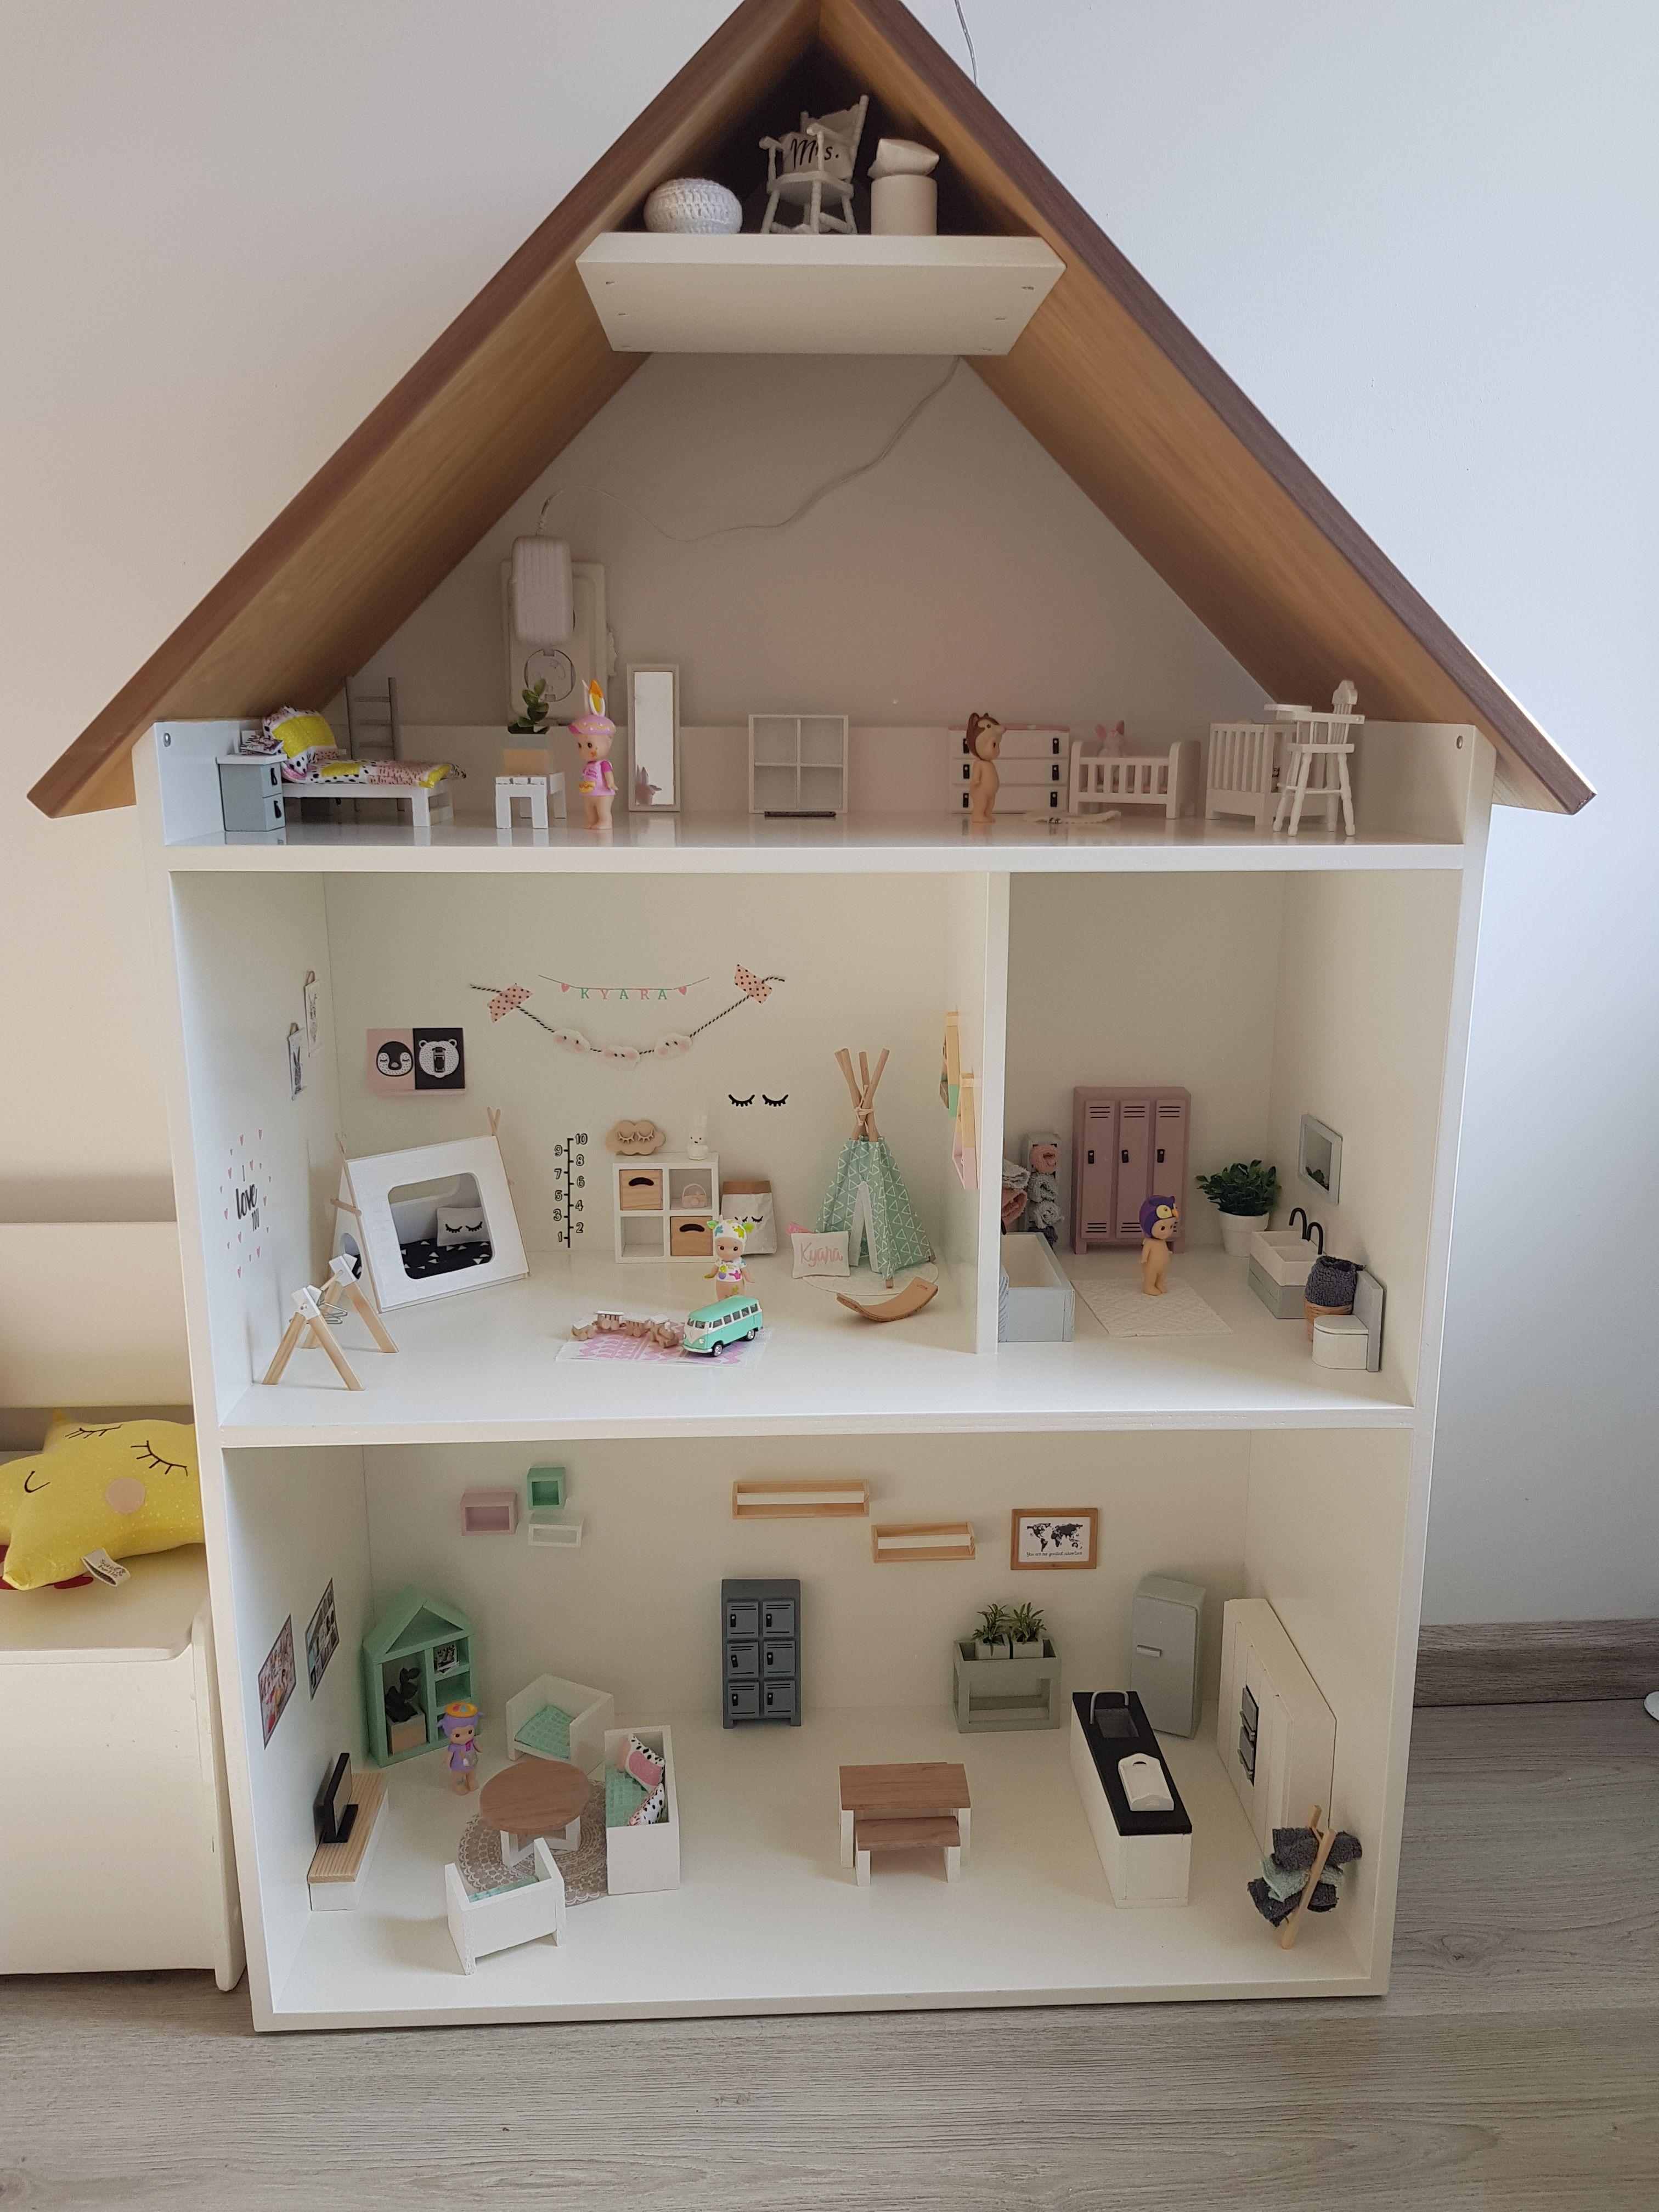 Wonderbaarlijk Groot houten poppenhuis #witpoppenhuis #houtenpoppenhuis #groot PG-49